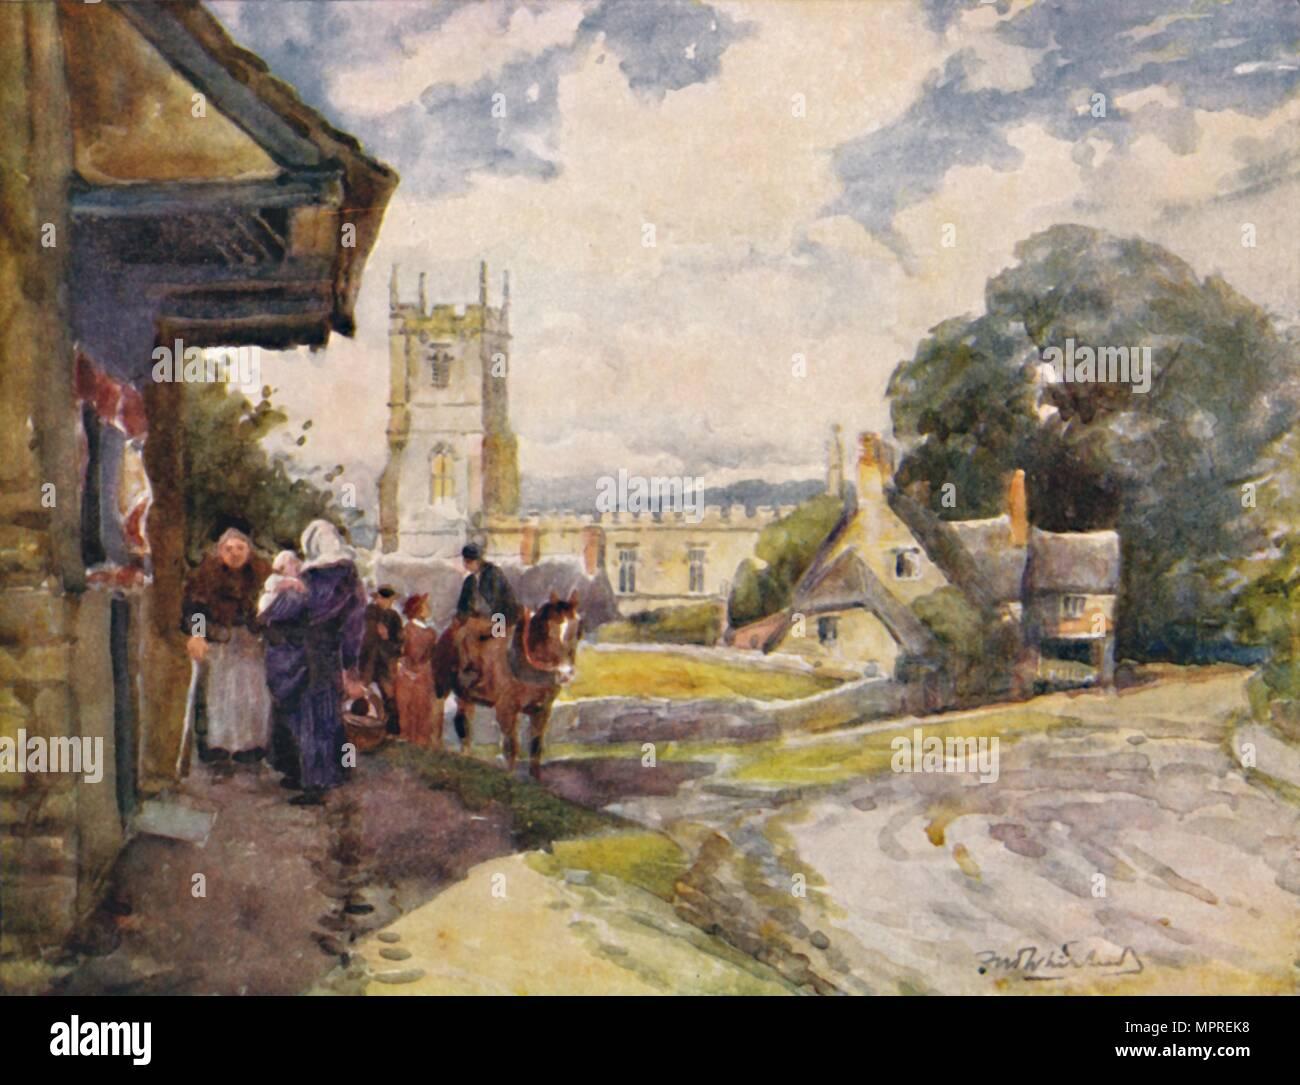 'Long Compton', c1900. Artist: William Biscombe Gardner. - Stock Image